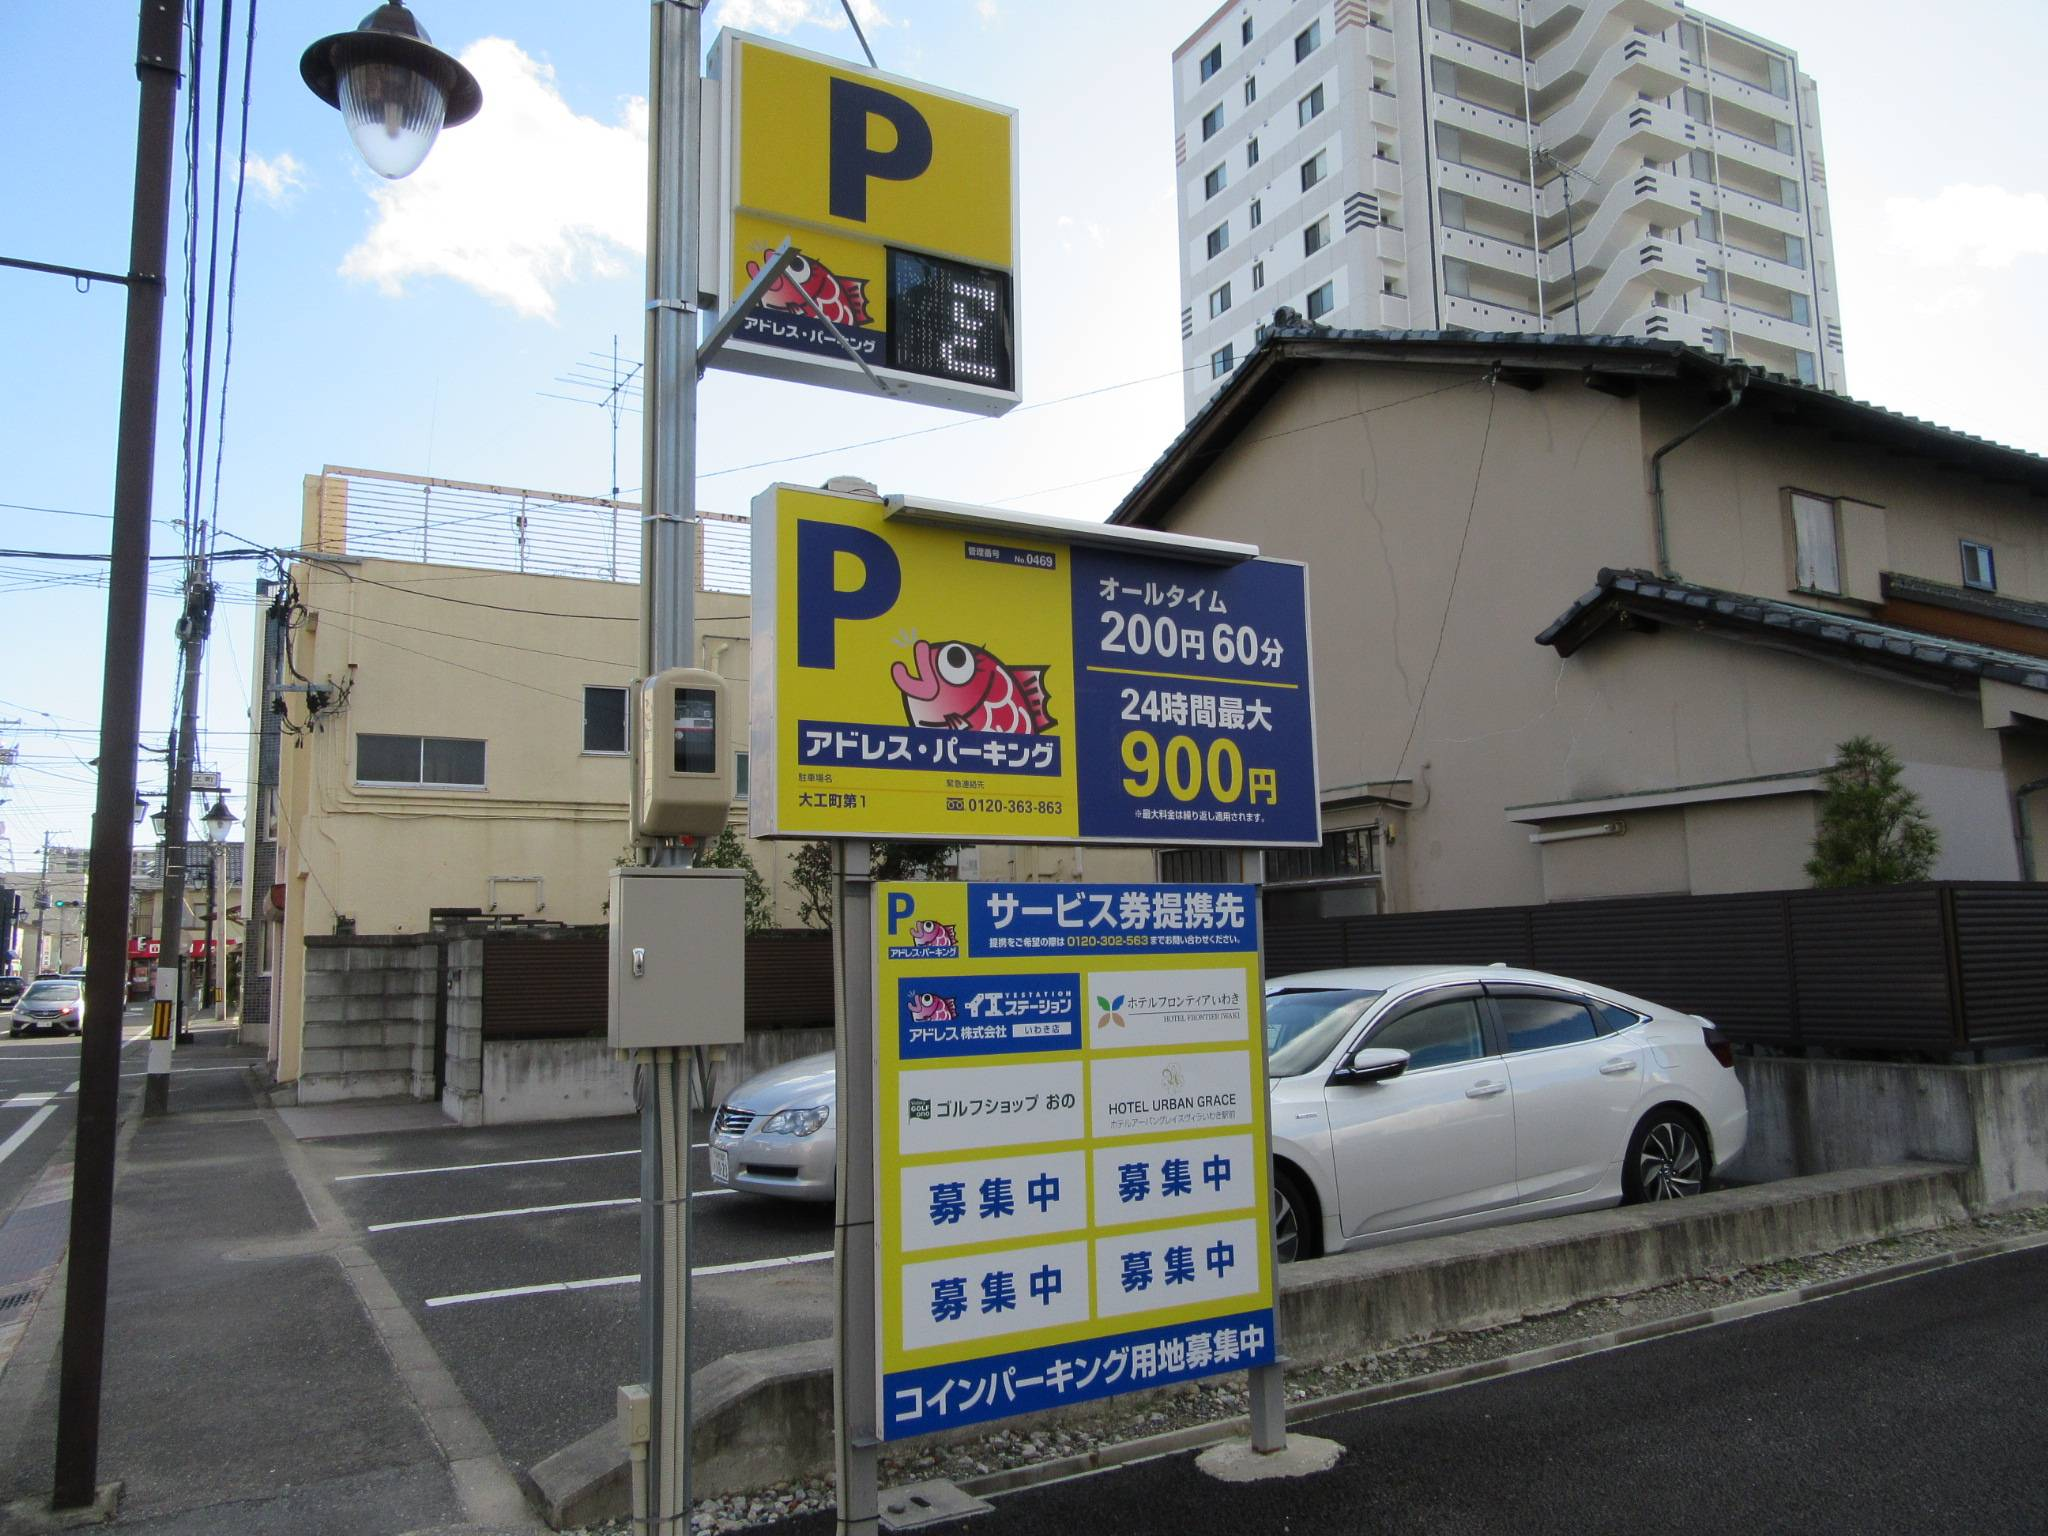 12月22日より、アドレス大工町第一提携駐車場一時利用休止のお知らせ